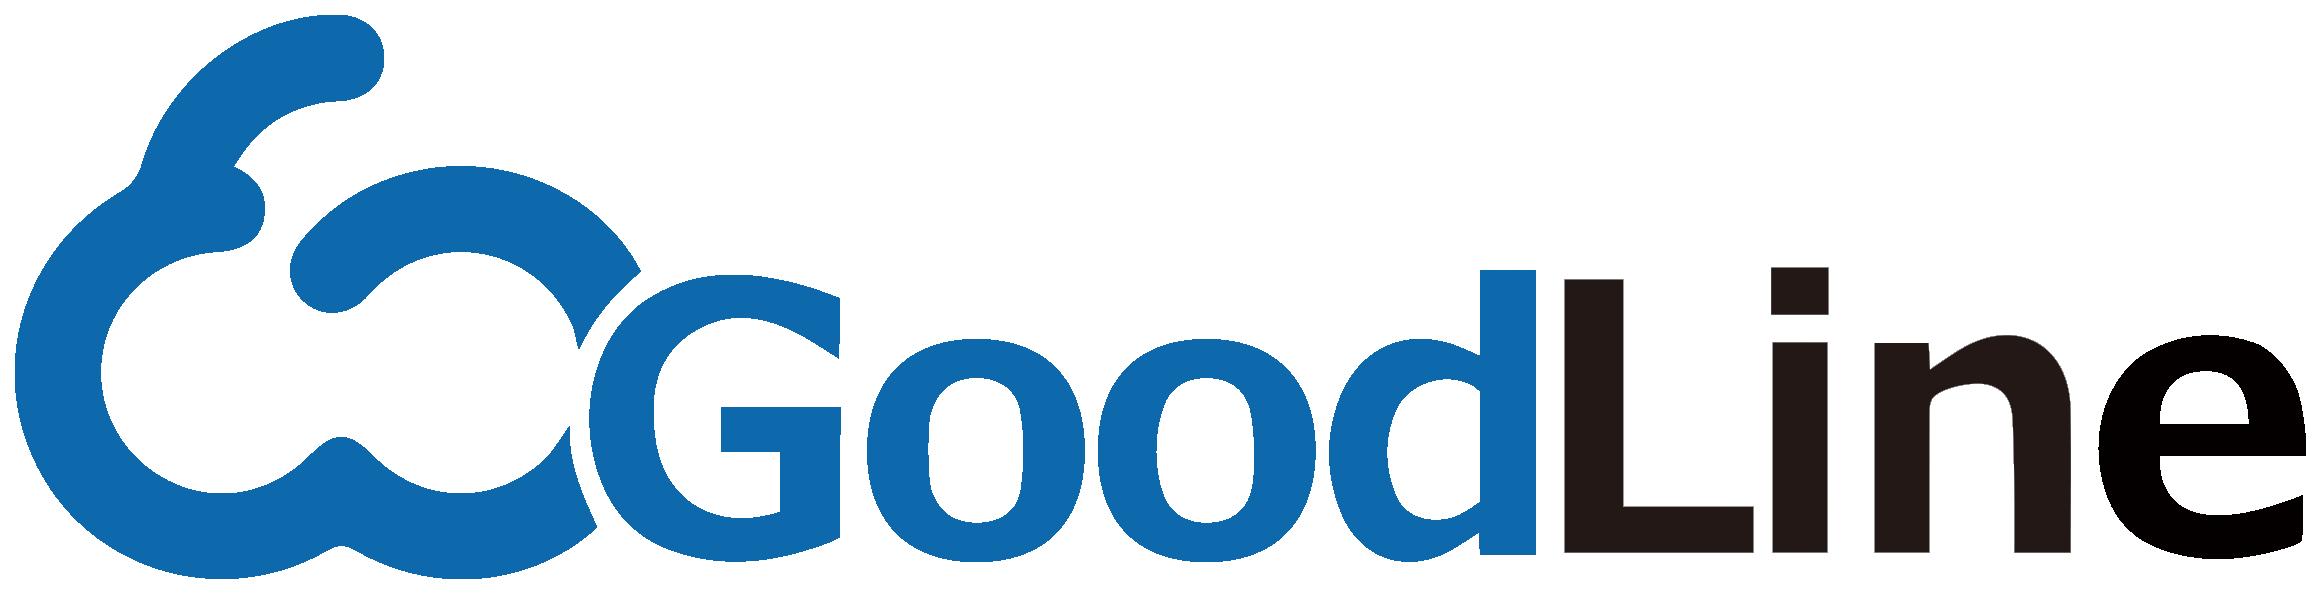 GoodLine クラウドPBX・クラウド型ビジネスフォン